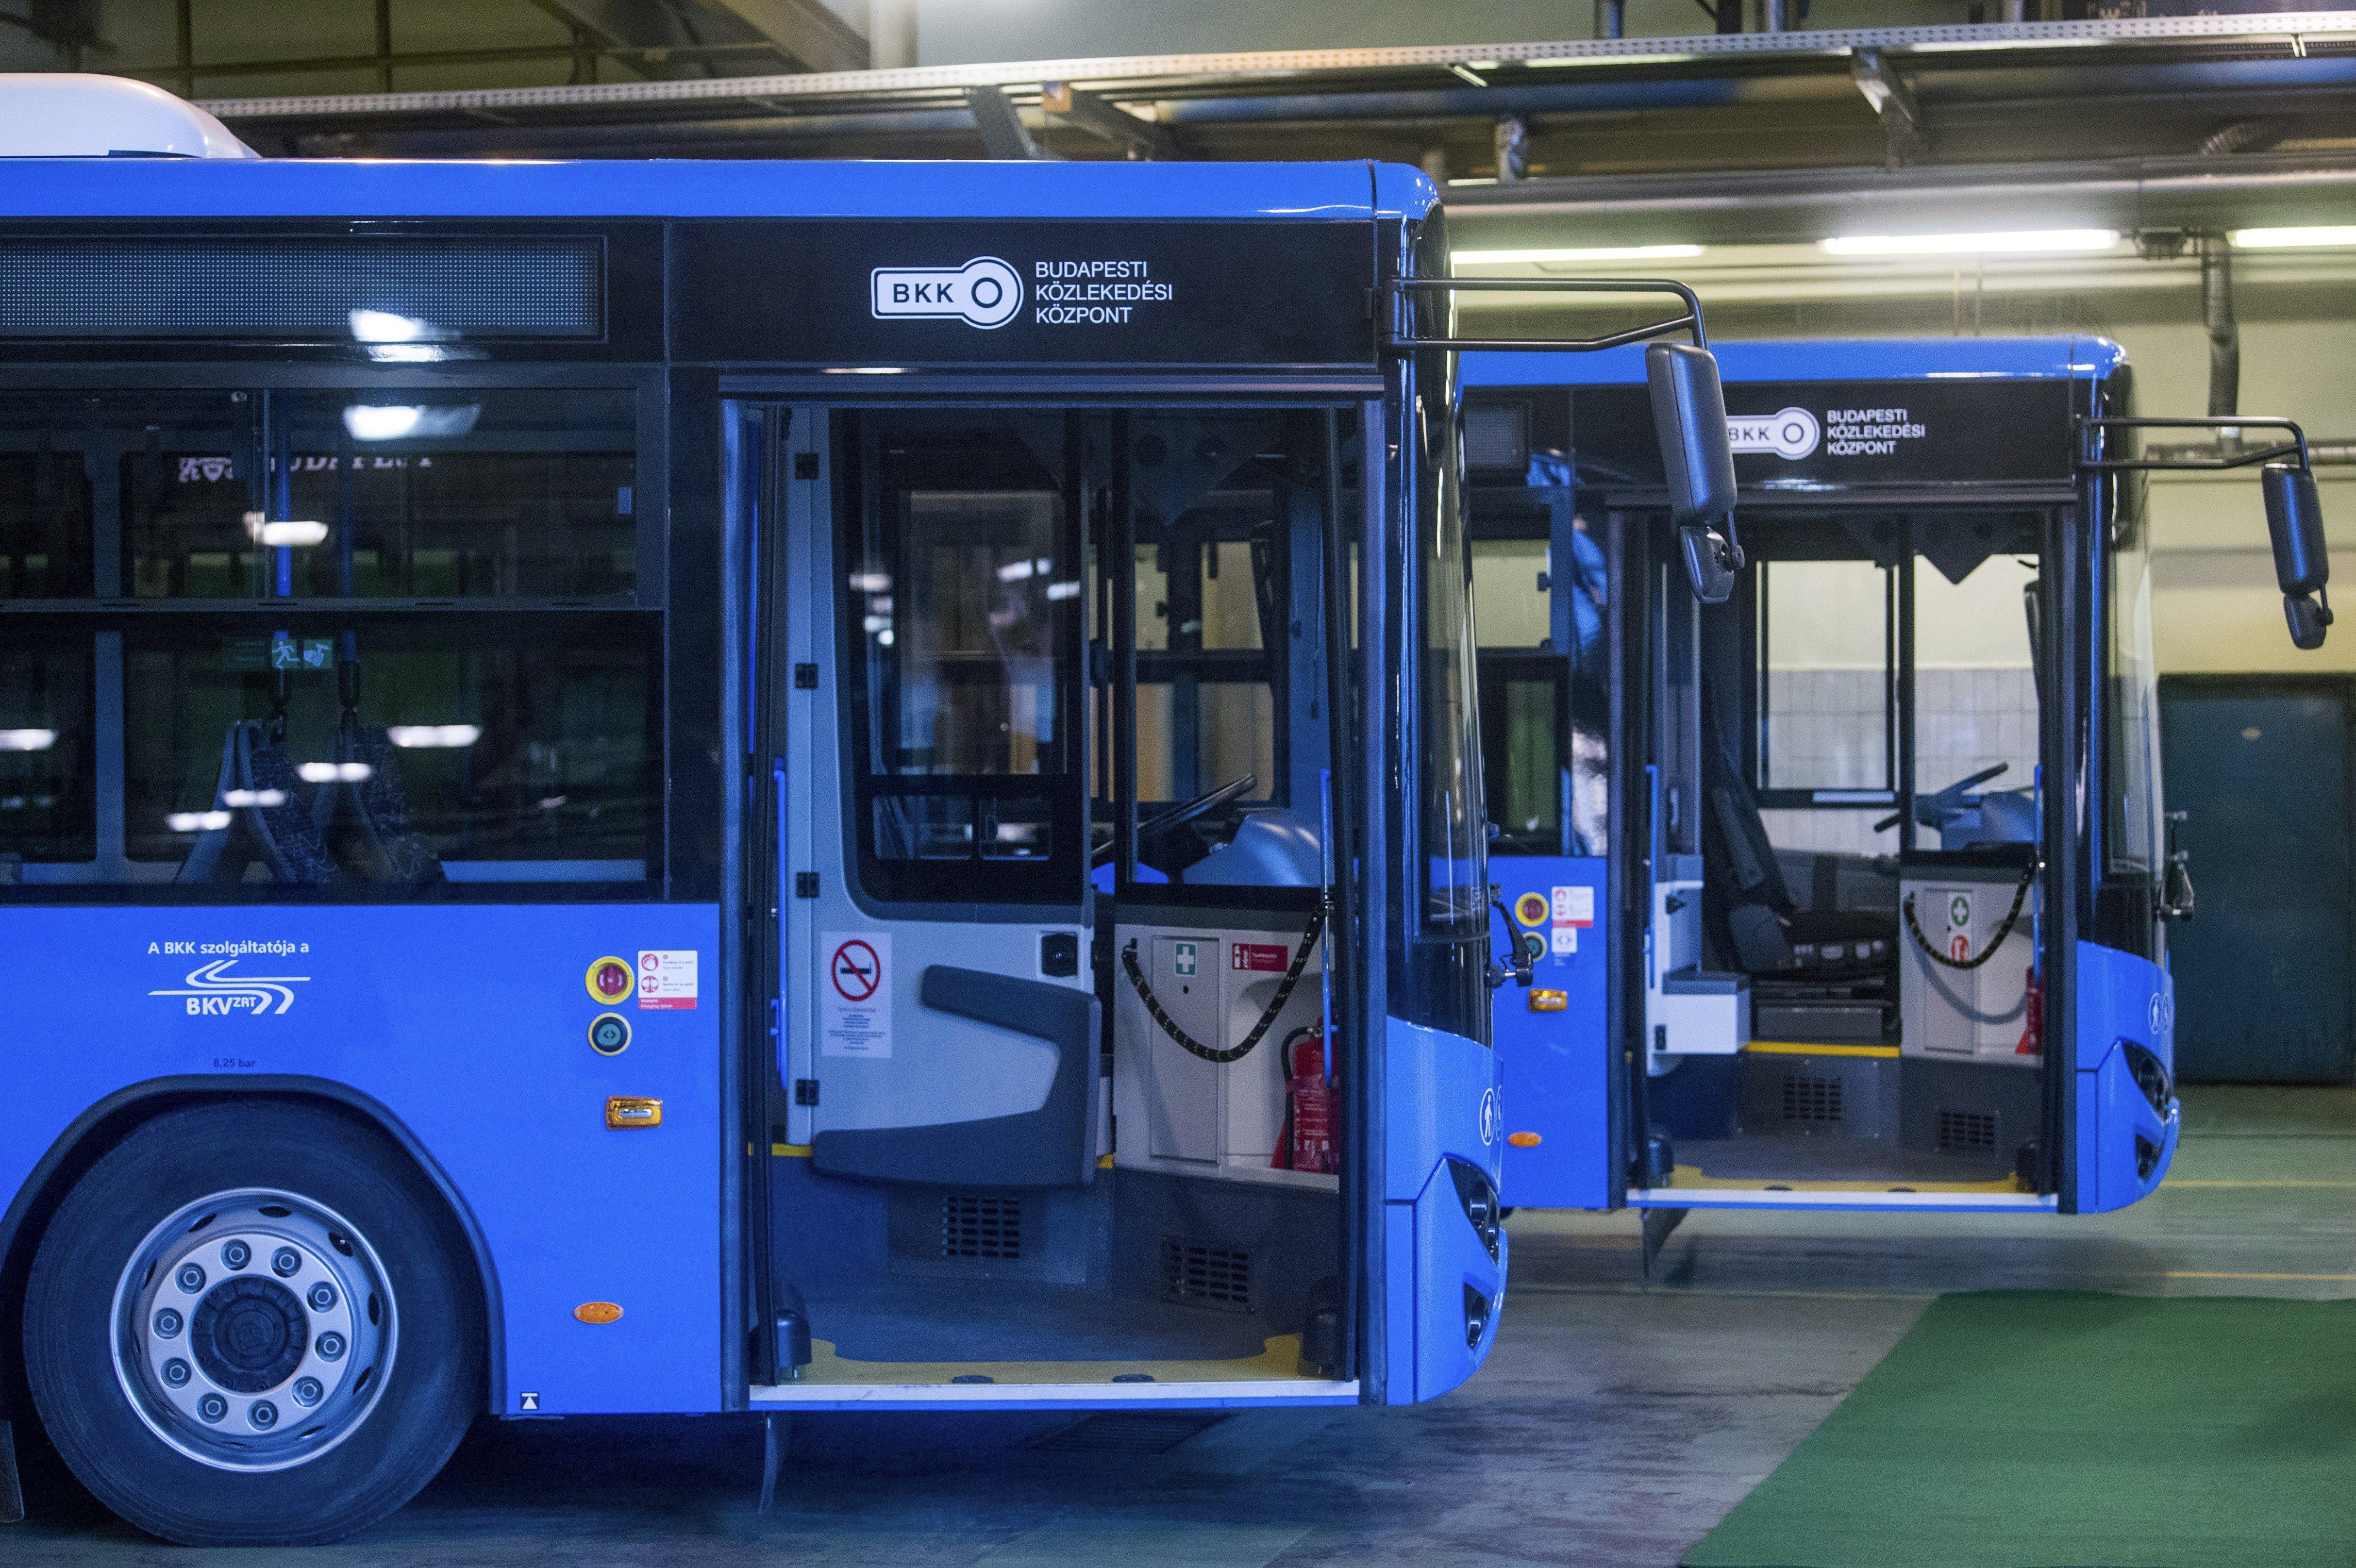 A BKV-buszok egy részét a kánikulában is fűteni kell, különben leállnának